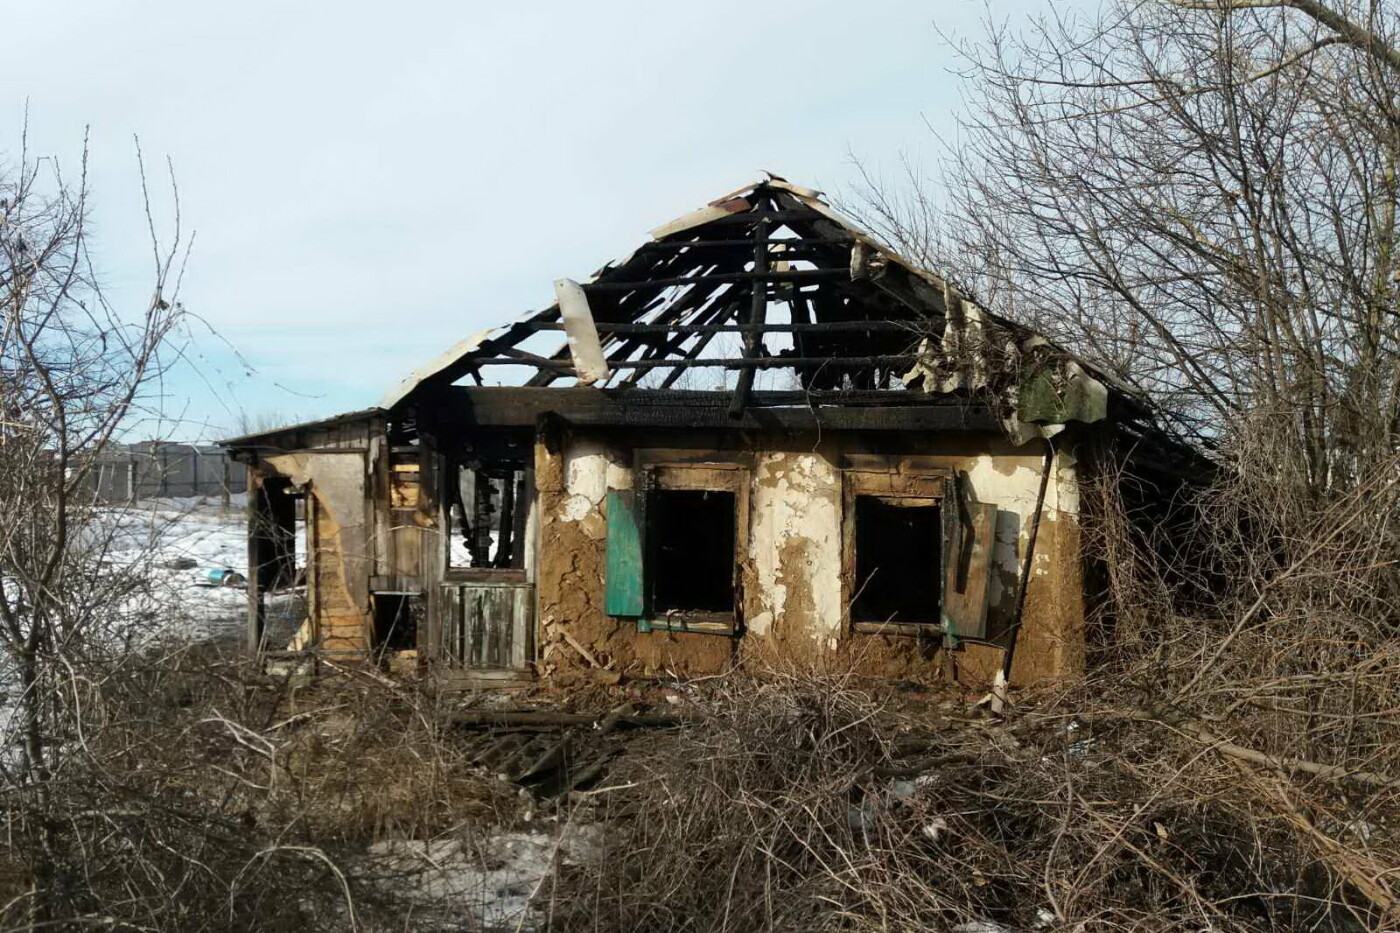 На Харьковщине загорелся дом. Внутри задымленного помещения спасатели нашли тело мужчины, - ФОТО, фото-3